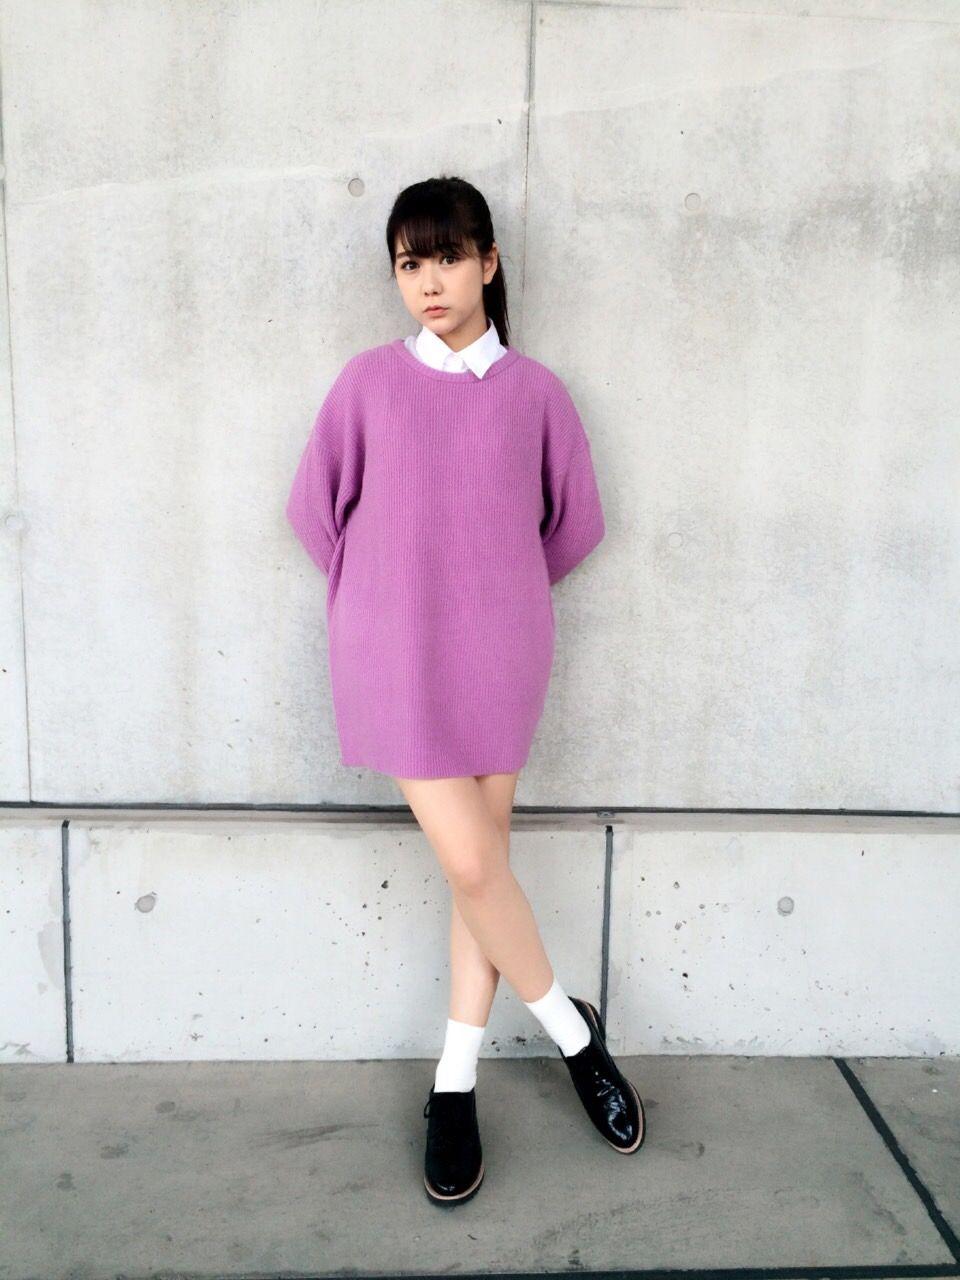 紫のセクシーな衣装を着て立っている村重杏奈の画像♪